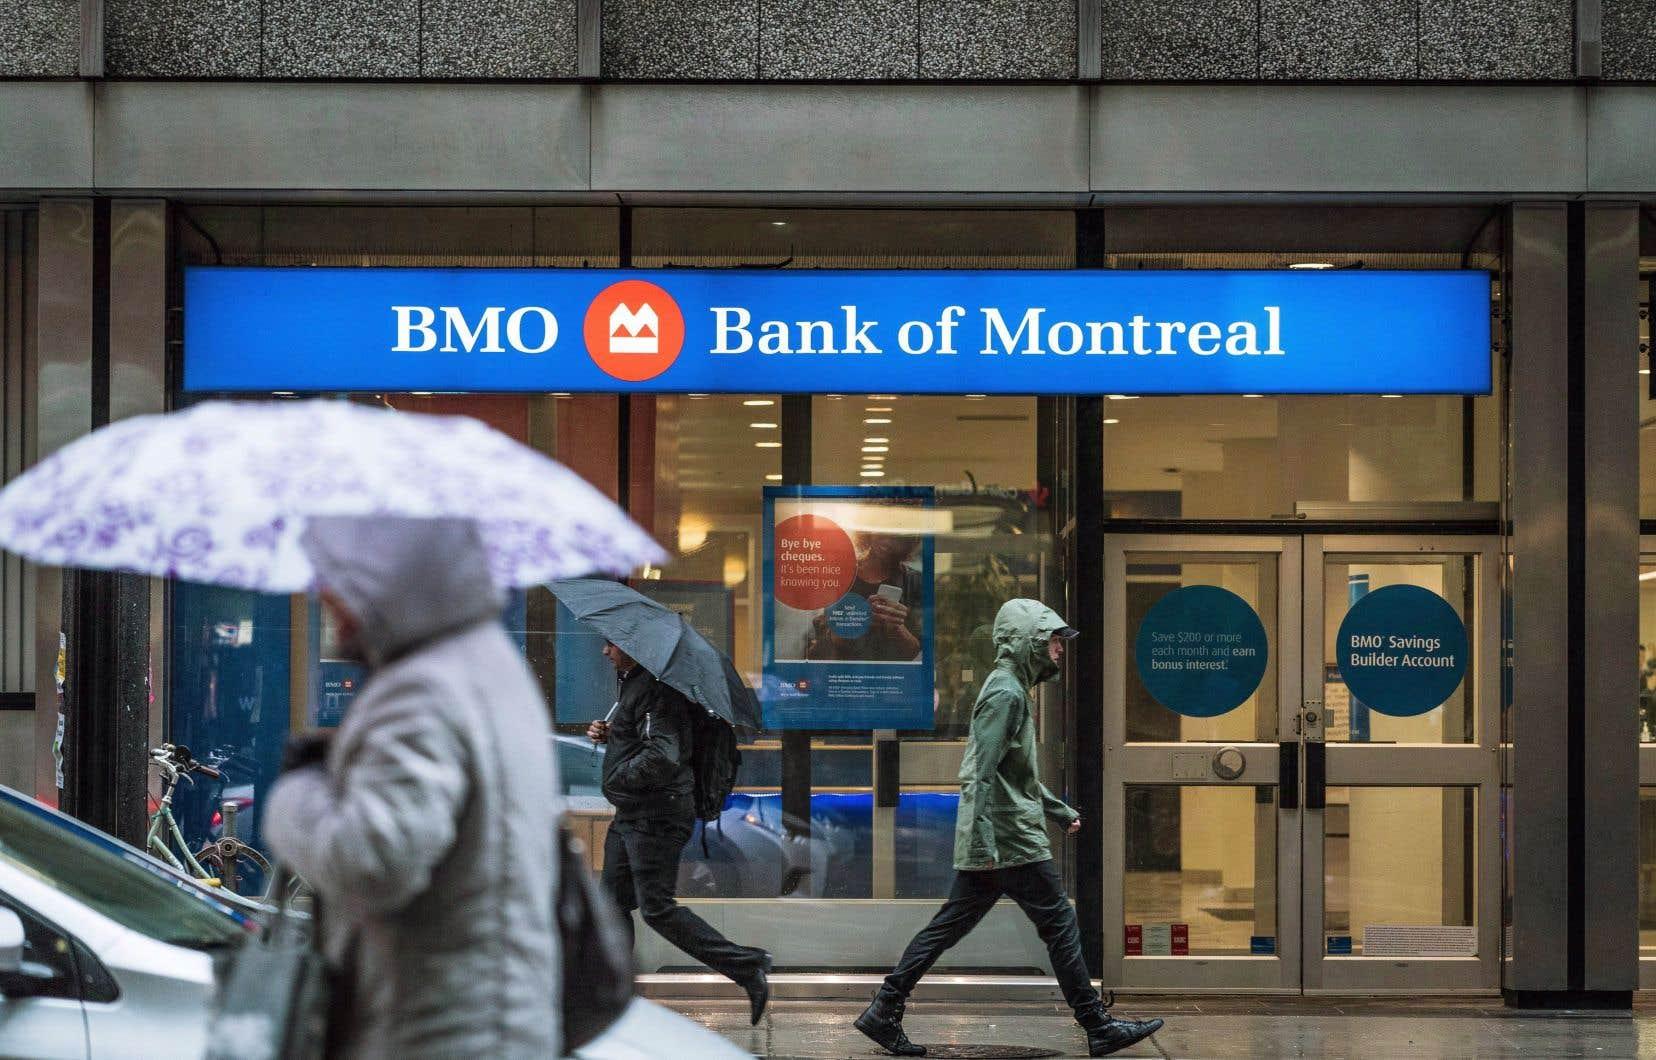 La Banque de Montréal a annoncé, à la fin du mois de mai, que des fraudeurs auraient mis la main sur les données personnelles de certains de ses clients.